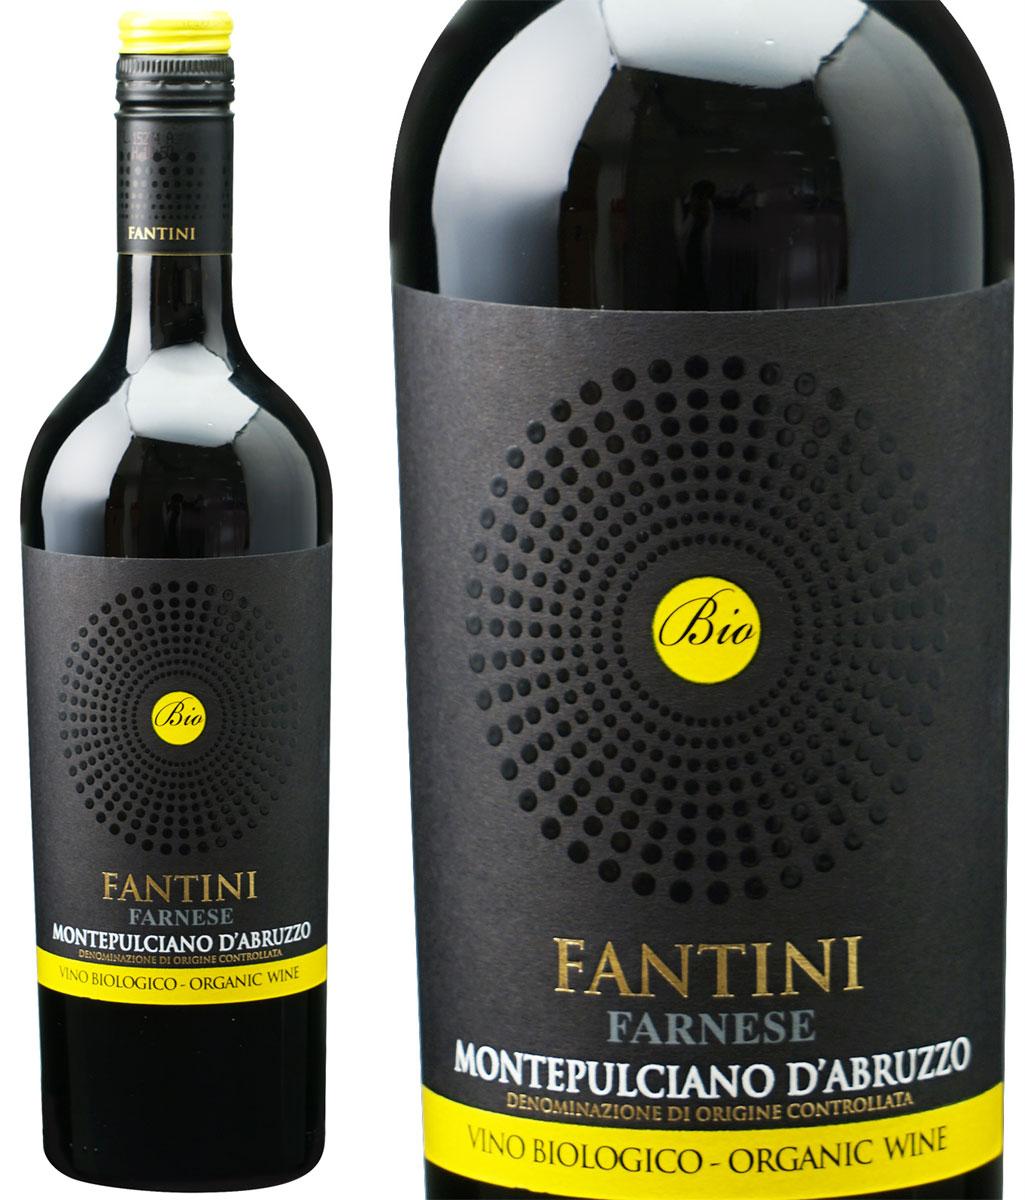 ファンティーニ モンテプルチャーノ・ダブルッツオ ビオ [2015] ファルネーゼ <赤> <ワイン/イタリア>【■I611】 ※即刻お取り寄せ品!ヴィンテージ変更と欠品の際はご連絡します!